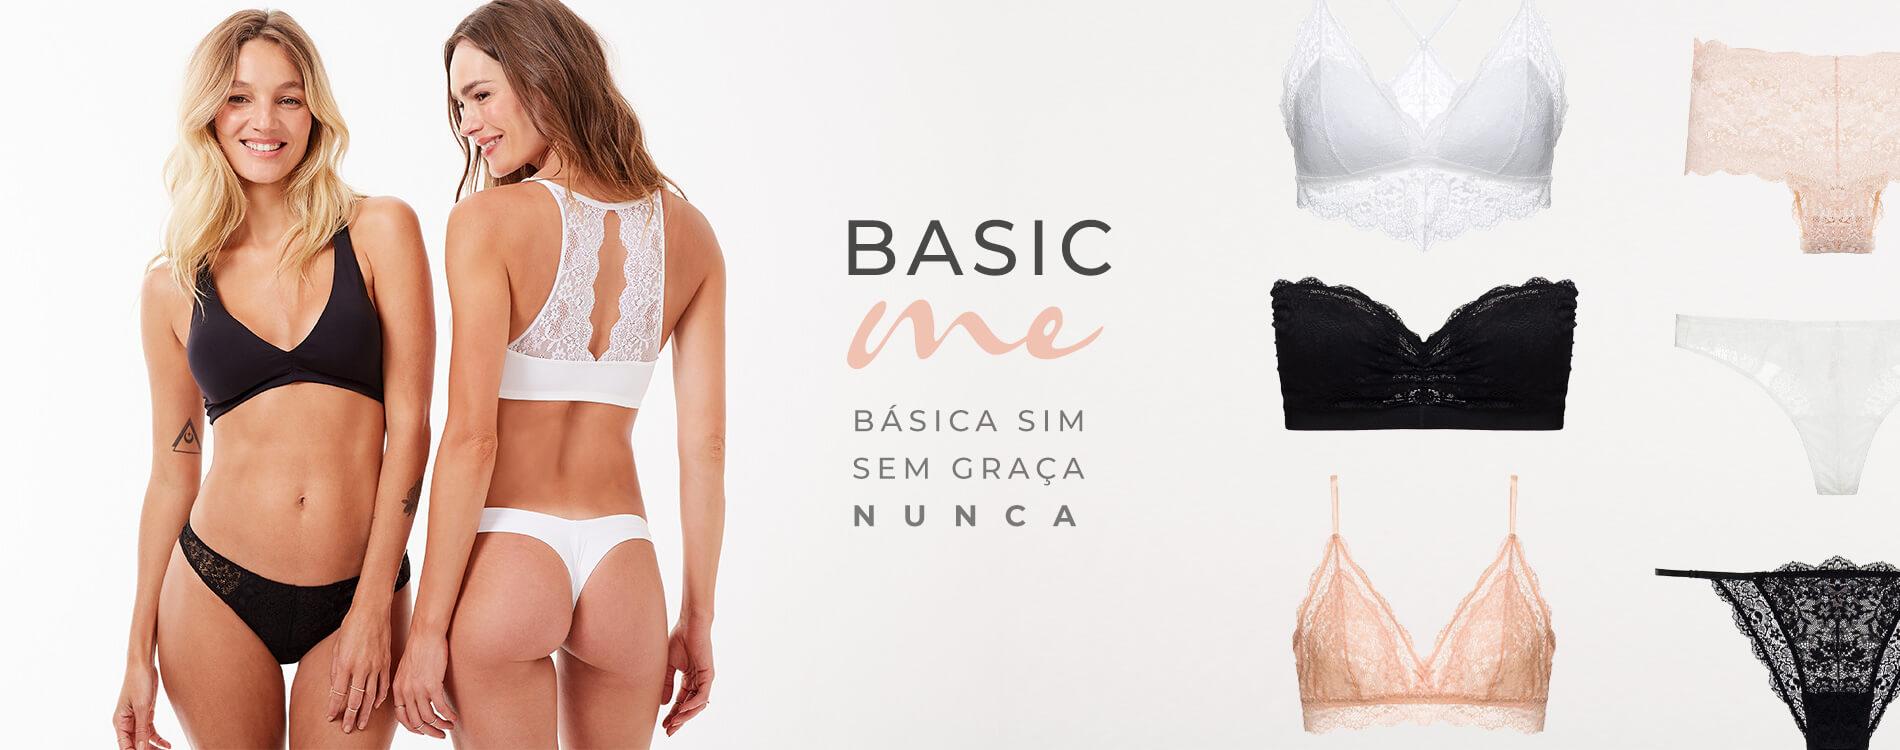 Basic me - trackEcommerce